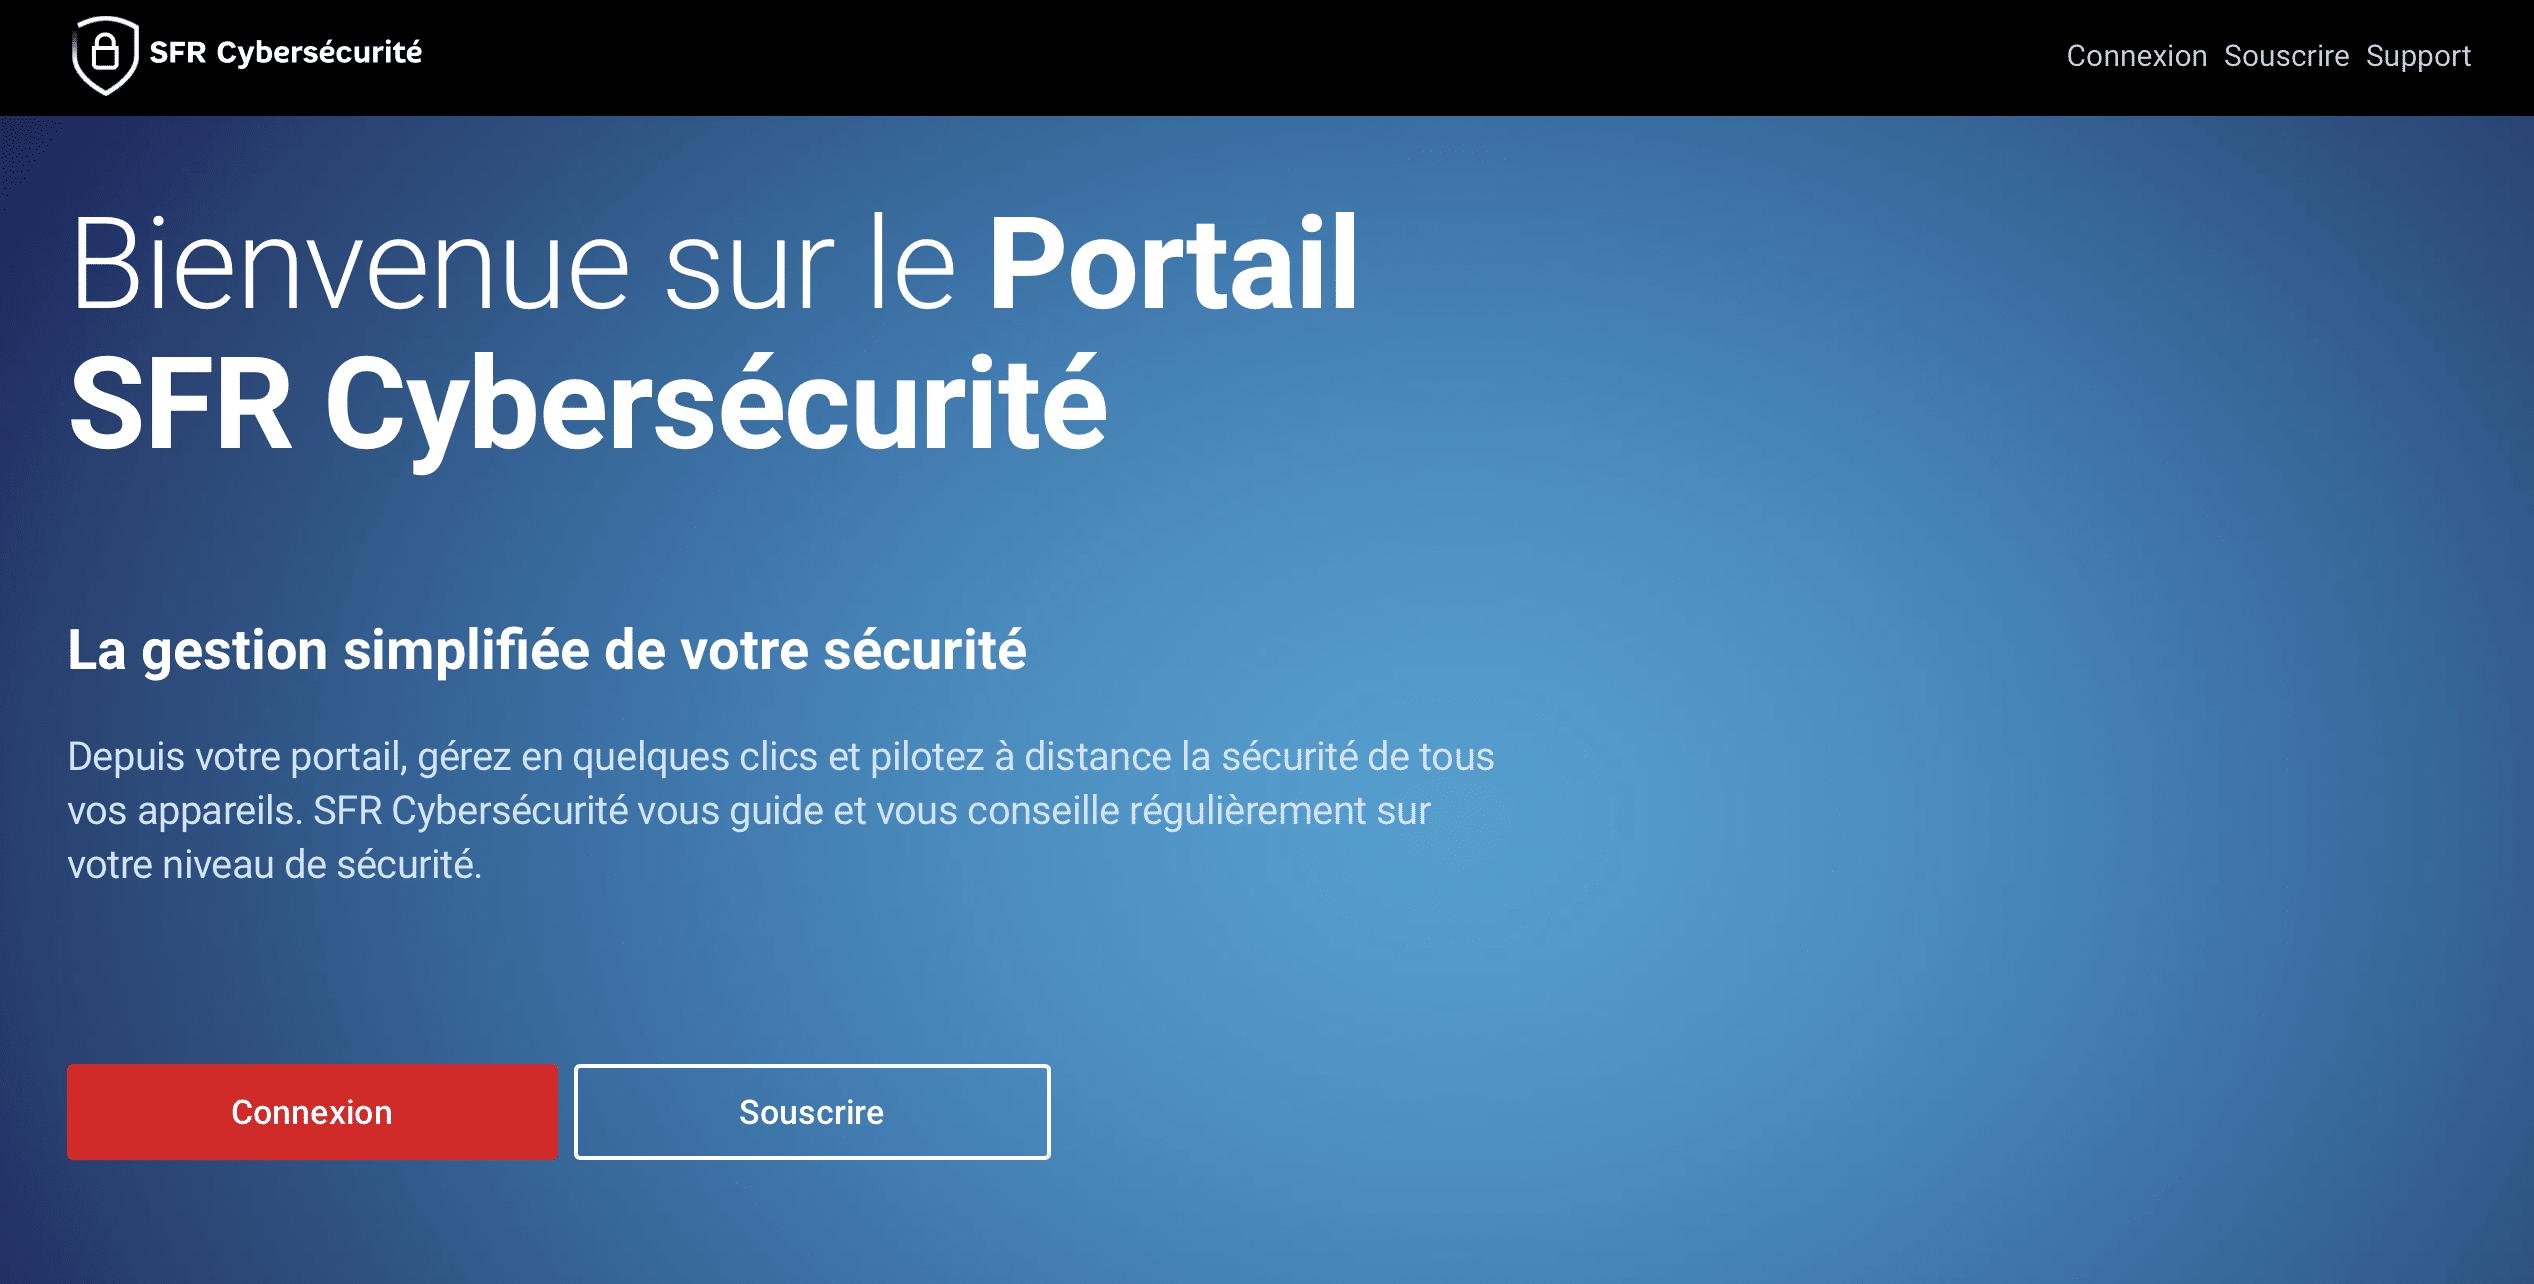 SFR Cybersécurité